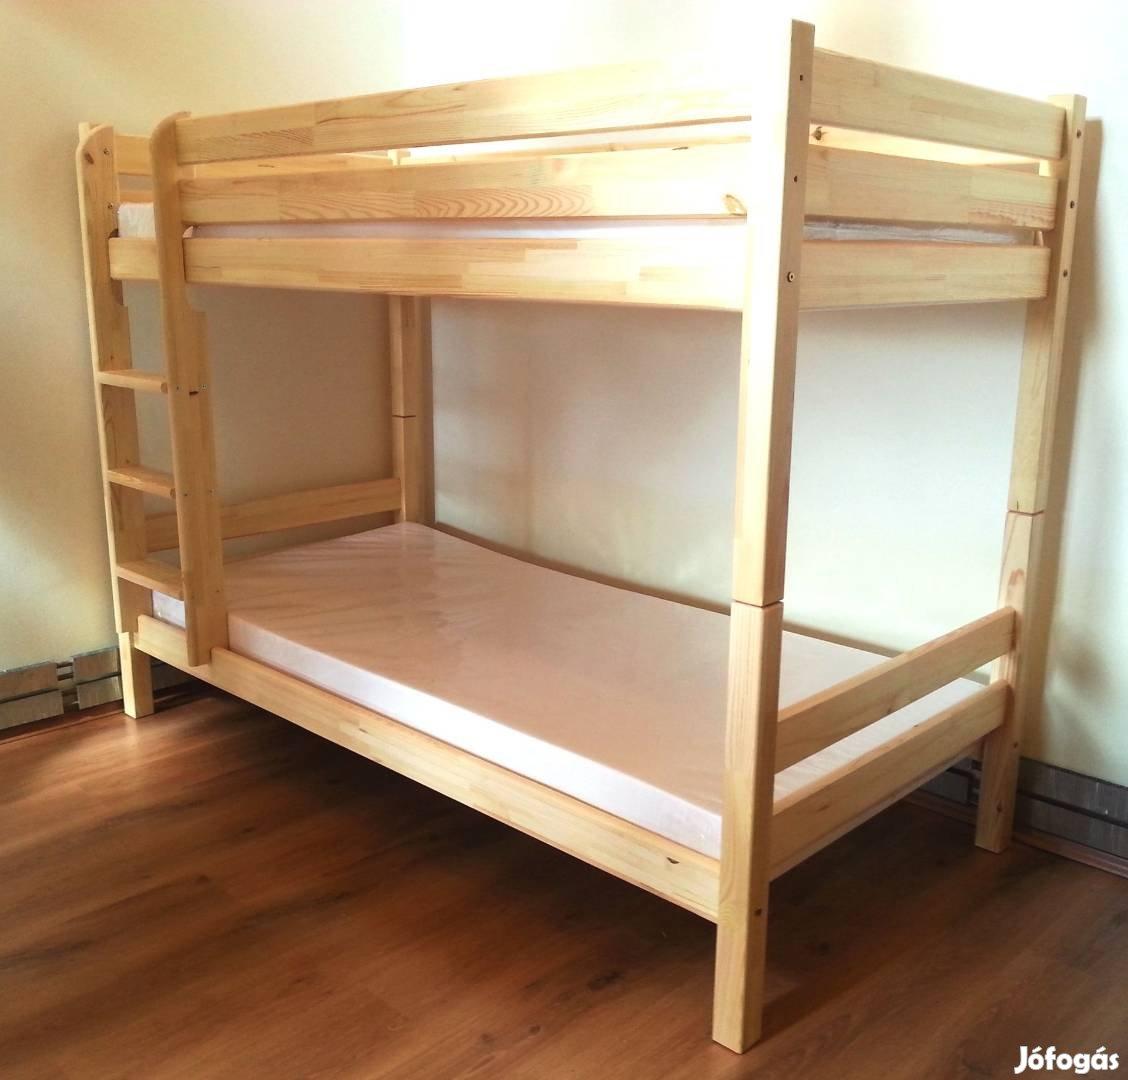 Emeletes ágy, fenyő ágy, dupla ágy, emelt ágy, emeleteságy, fenyőbútor